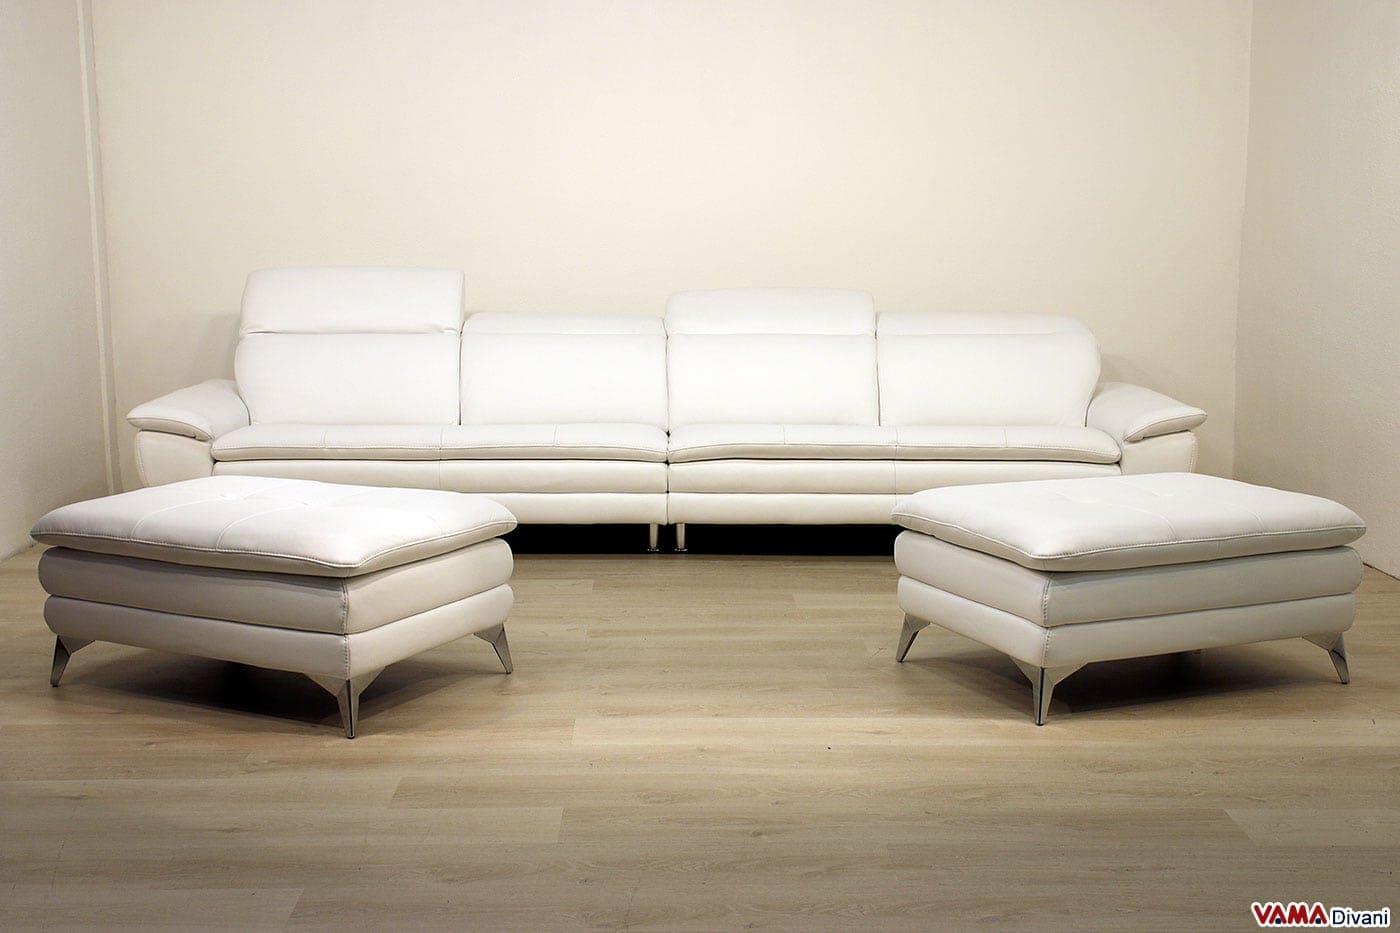 Realizzazione divani su disegno richiedi un preventivo for Divano disegno